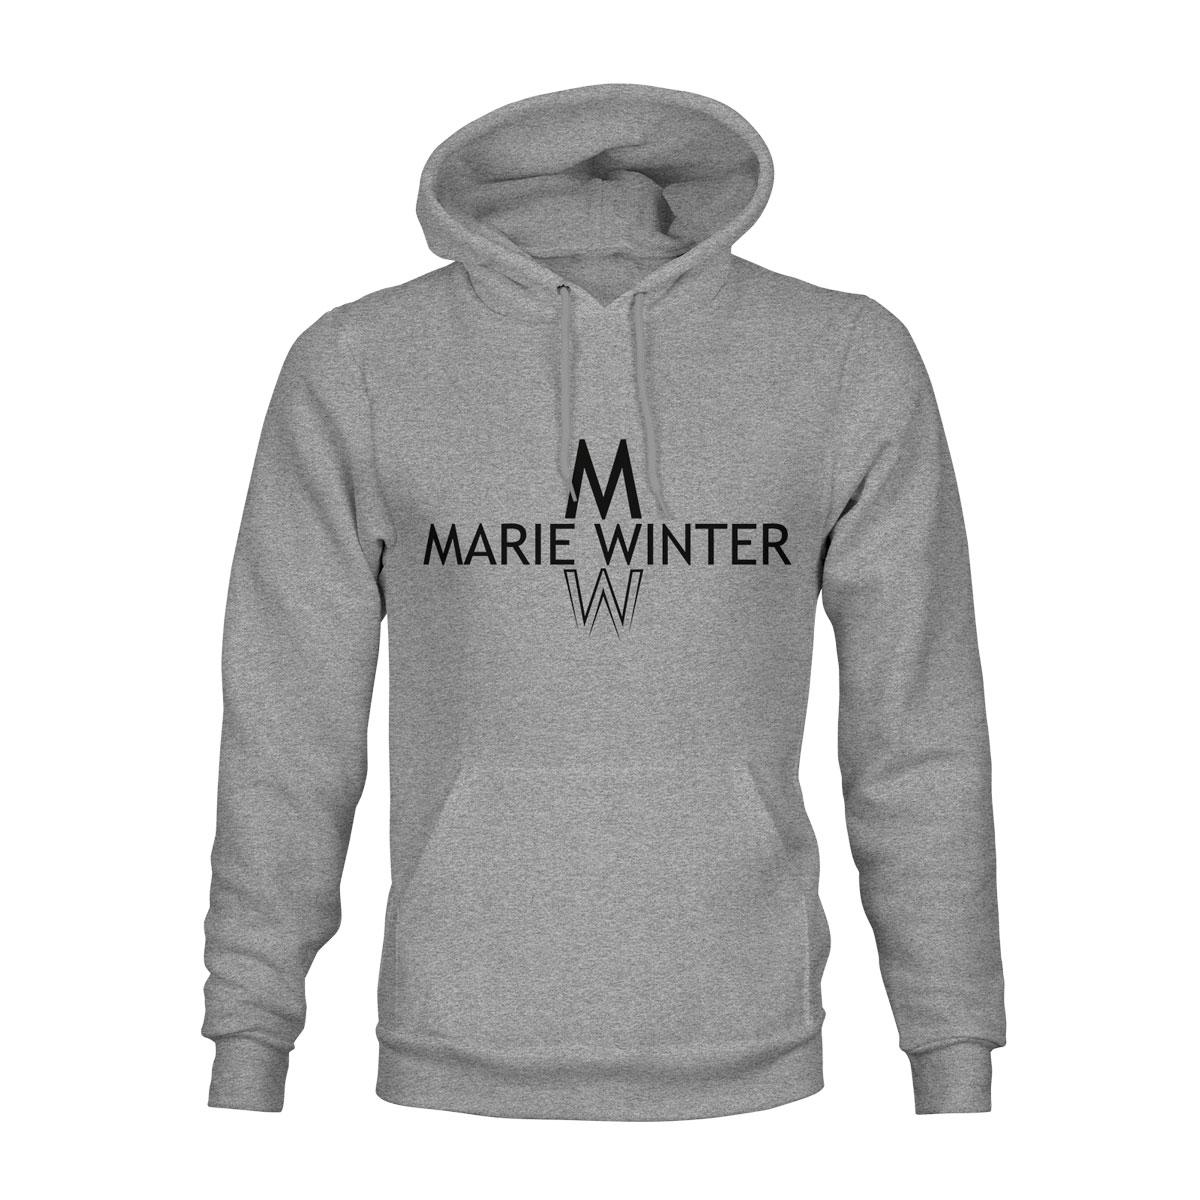 Marie Winter Hoodie Unisex grau